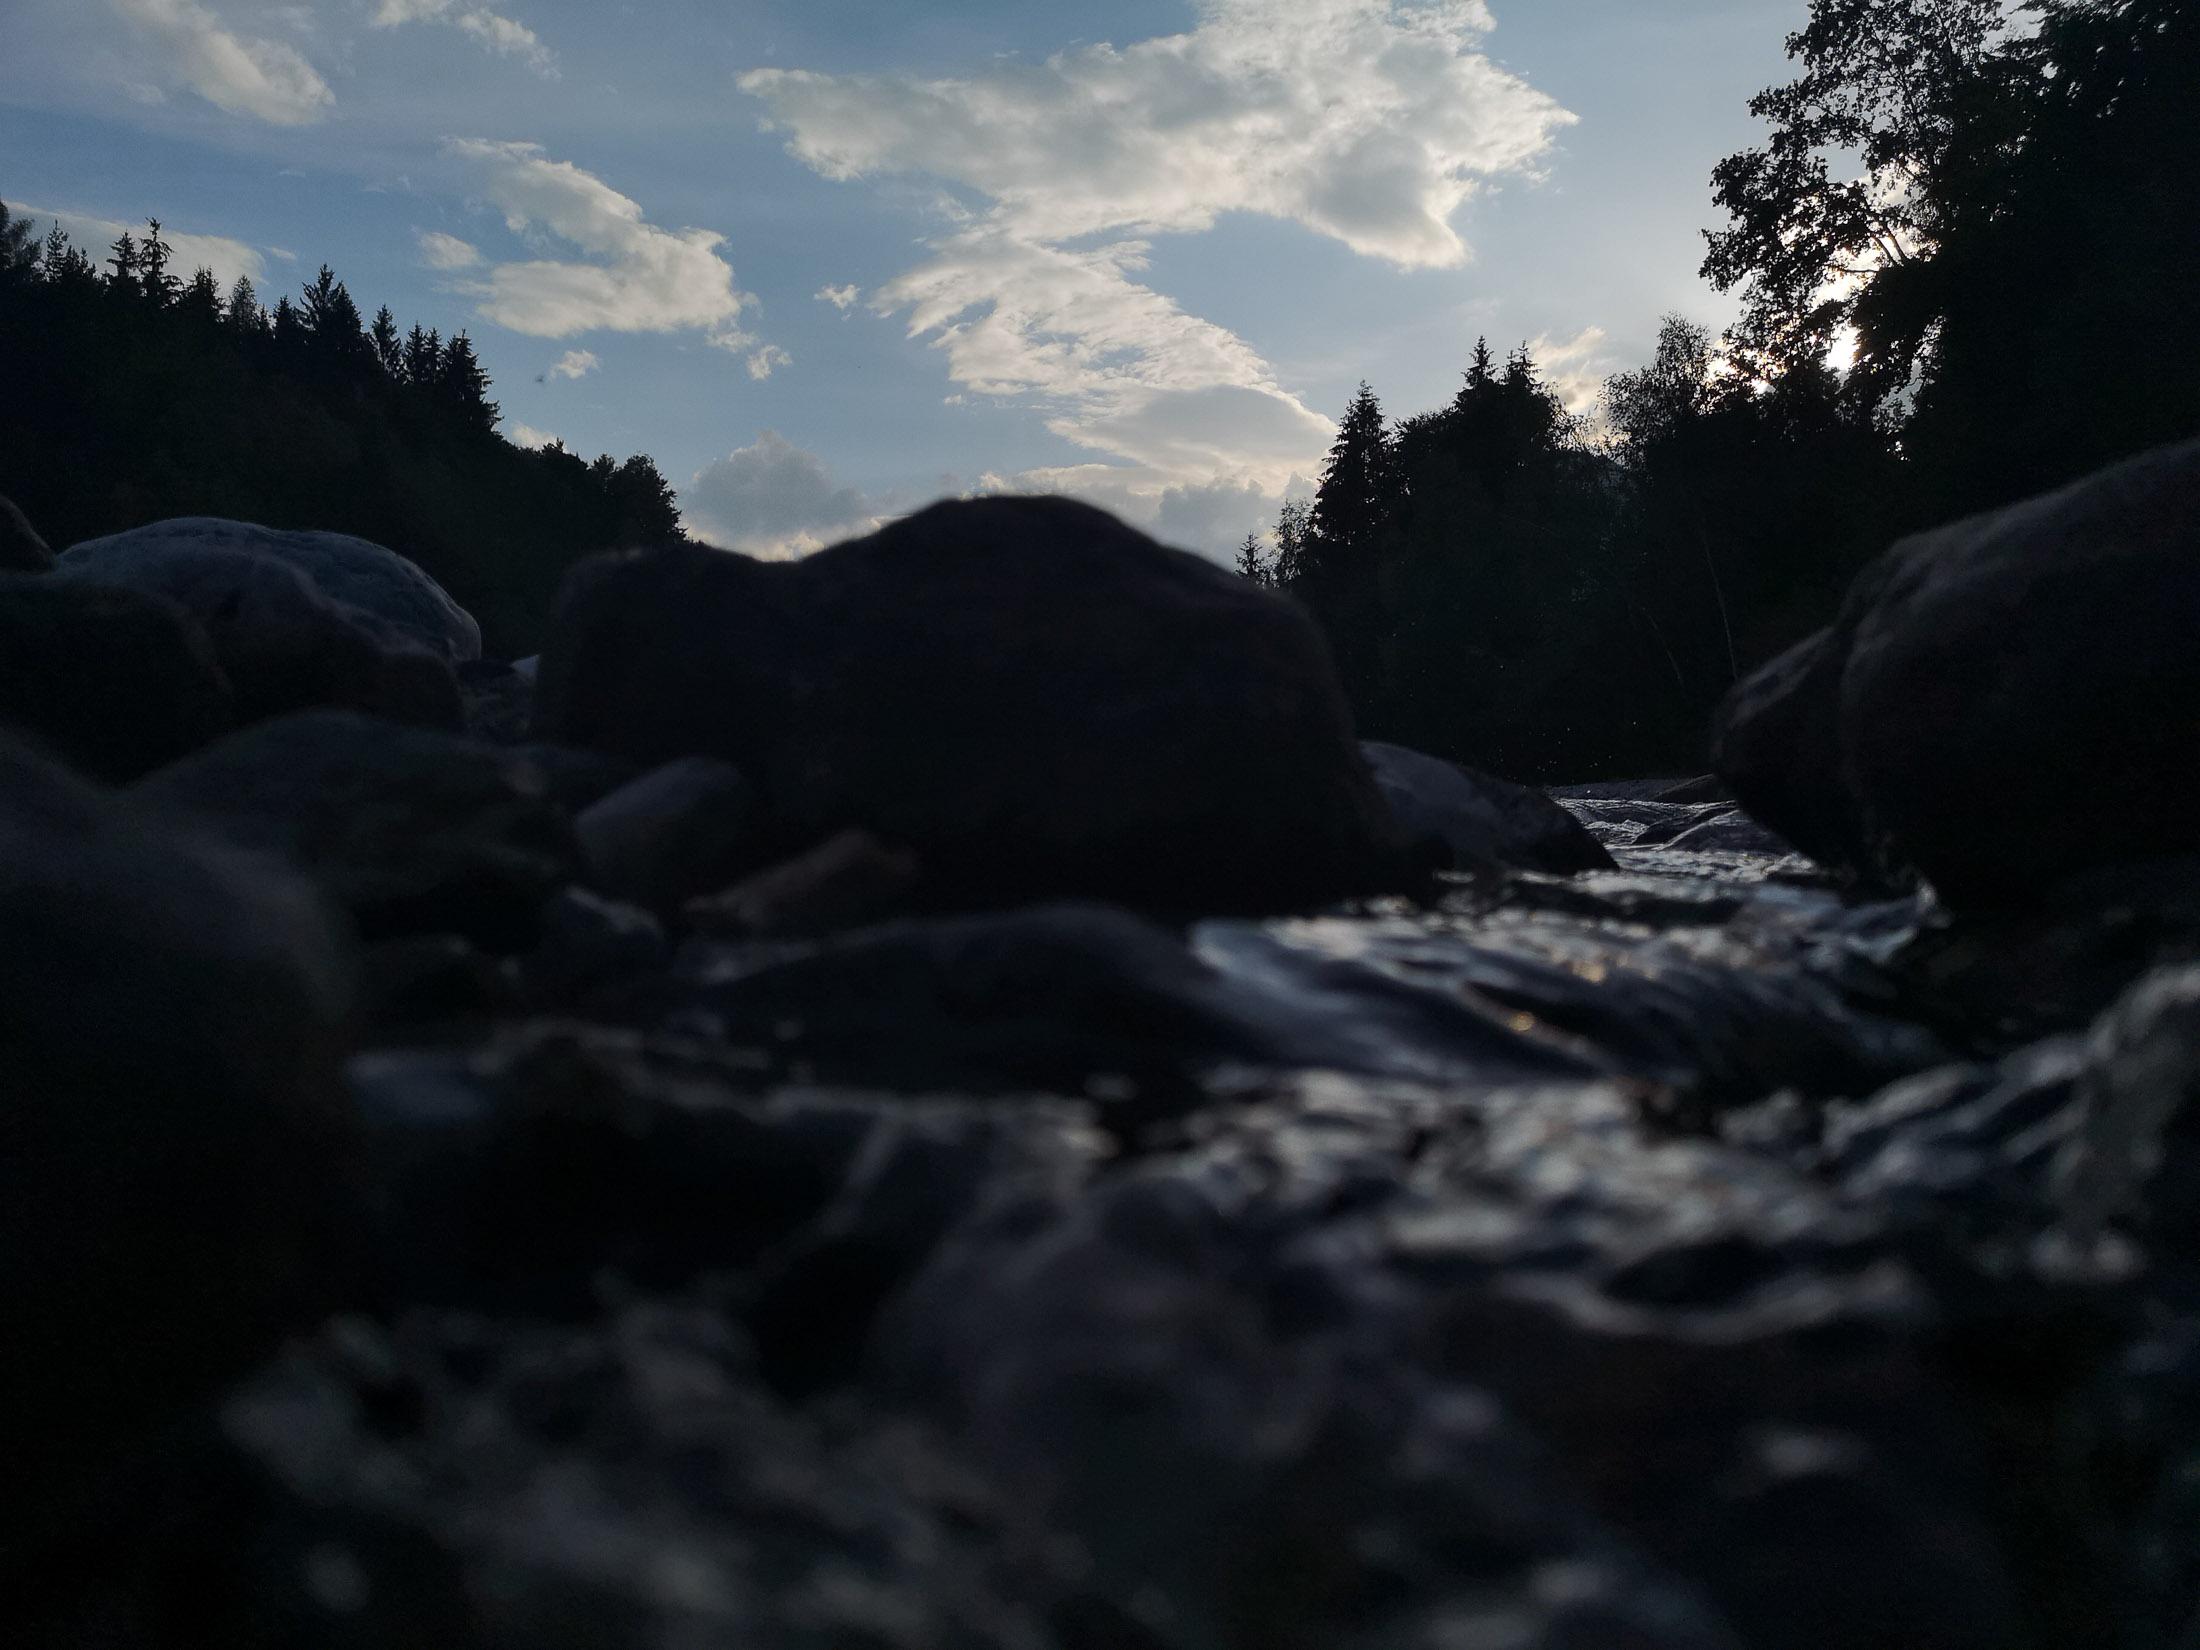 Aufnahme kurz vor Sonnenuntergang in dunkler Umgebung mit dem Huawei P20 Pro, Hack4Life, Fabian Geissler, Kamera, Vergleich, seriös, unabhängig, unglaublich